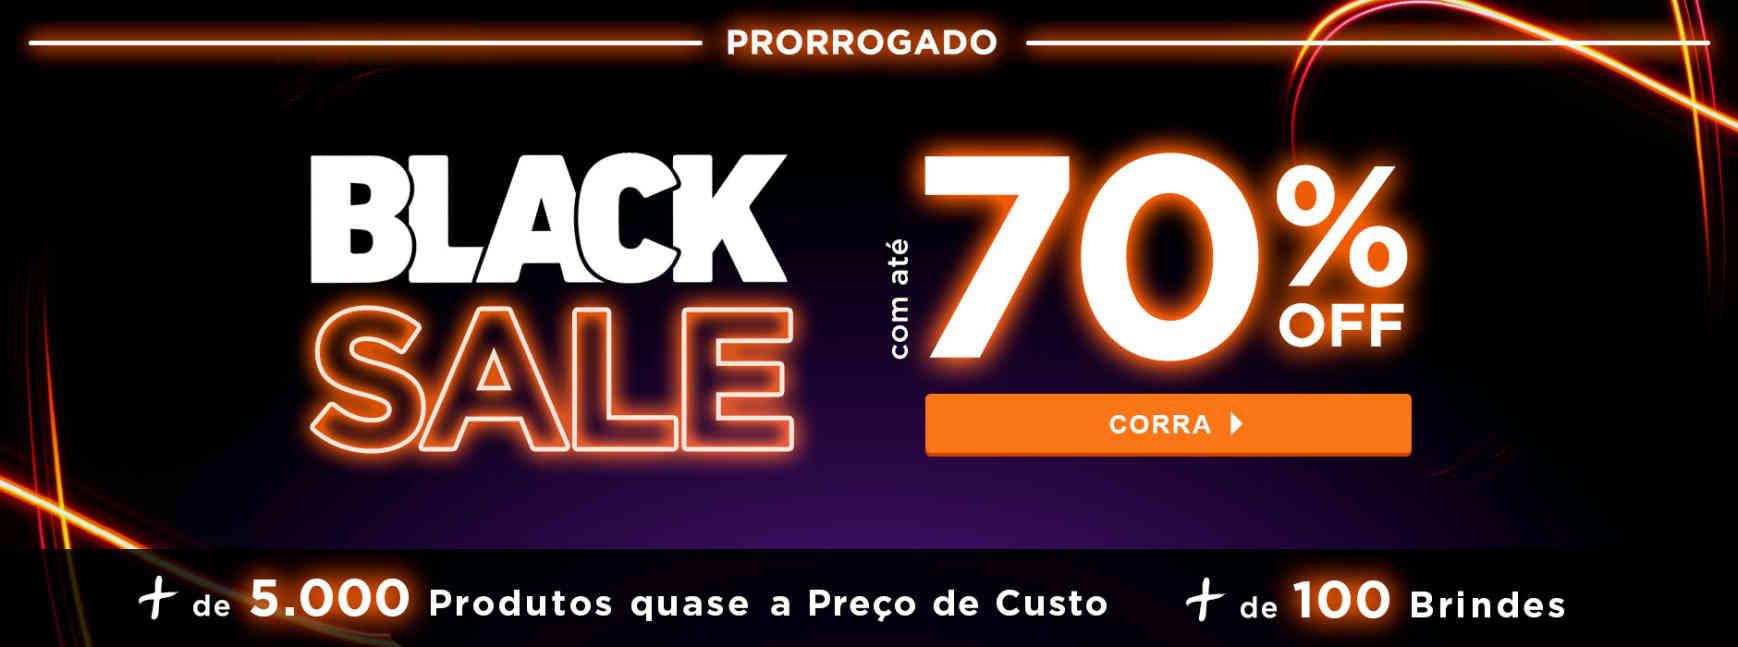 Pele: Blacksale com até 70%off PRORROGADO